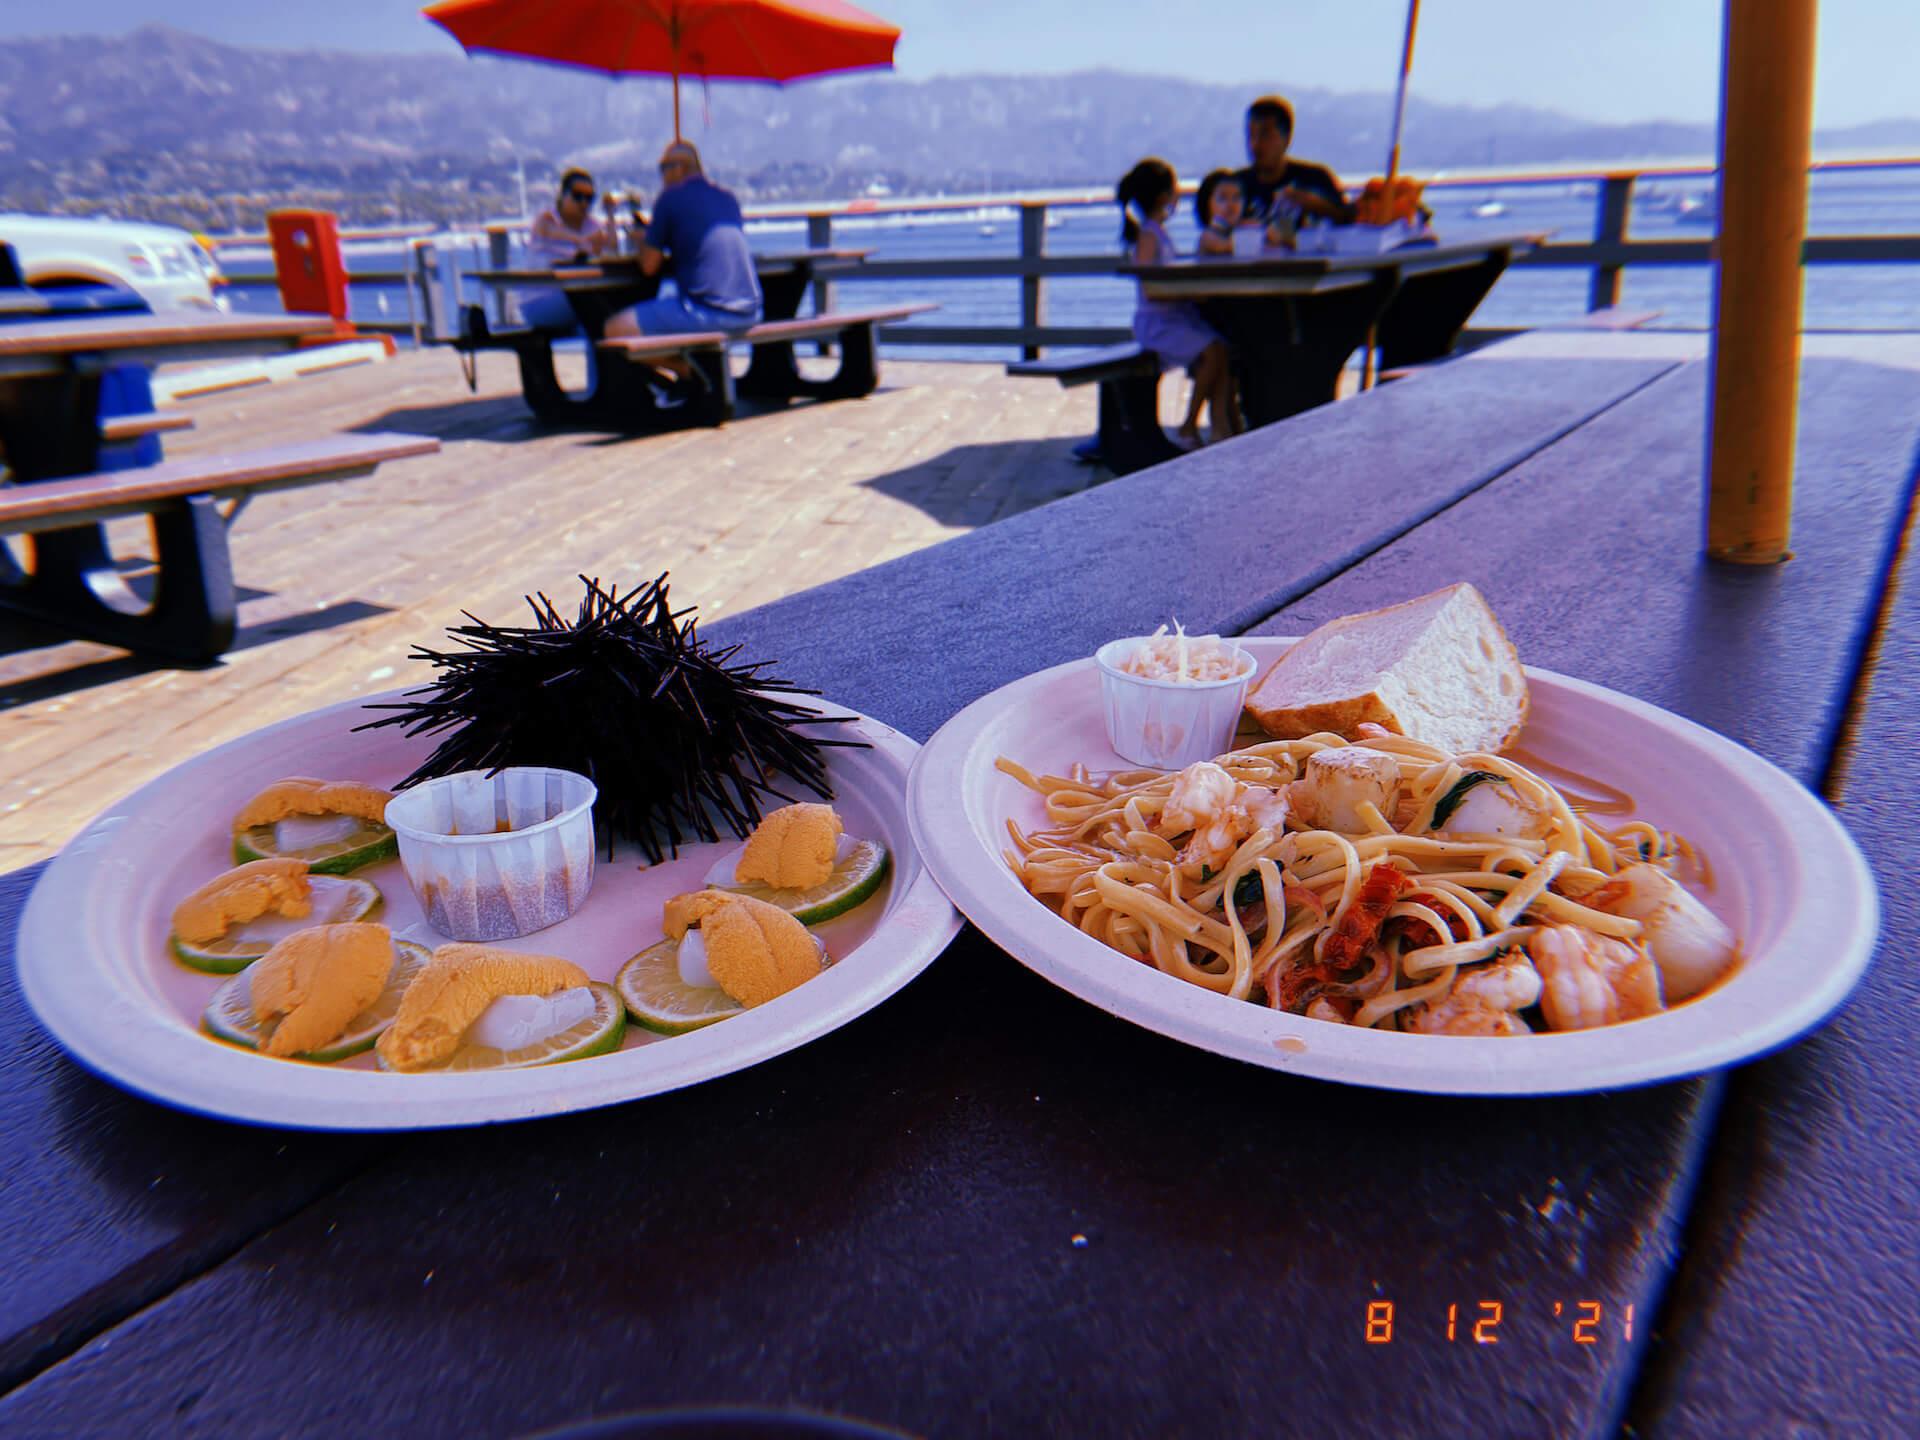 ピース綾部祐二のサンフランシスコ〜LAバイク旅を追う interview2109-yuji-ayabe-LA-23